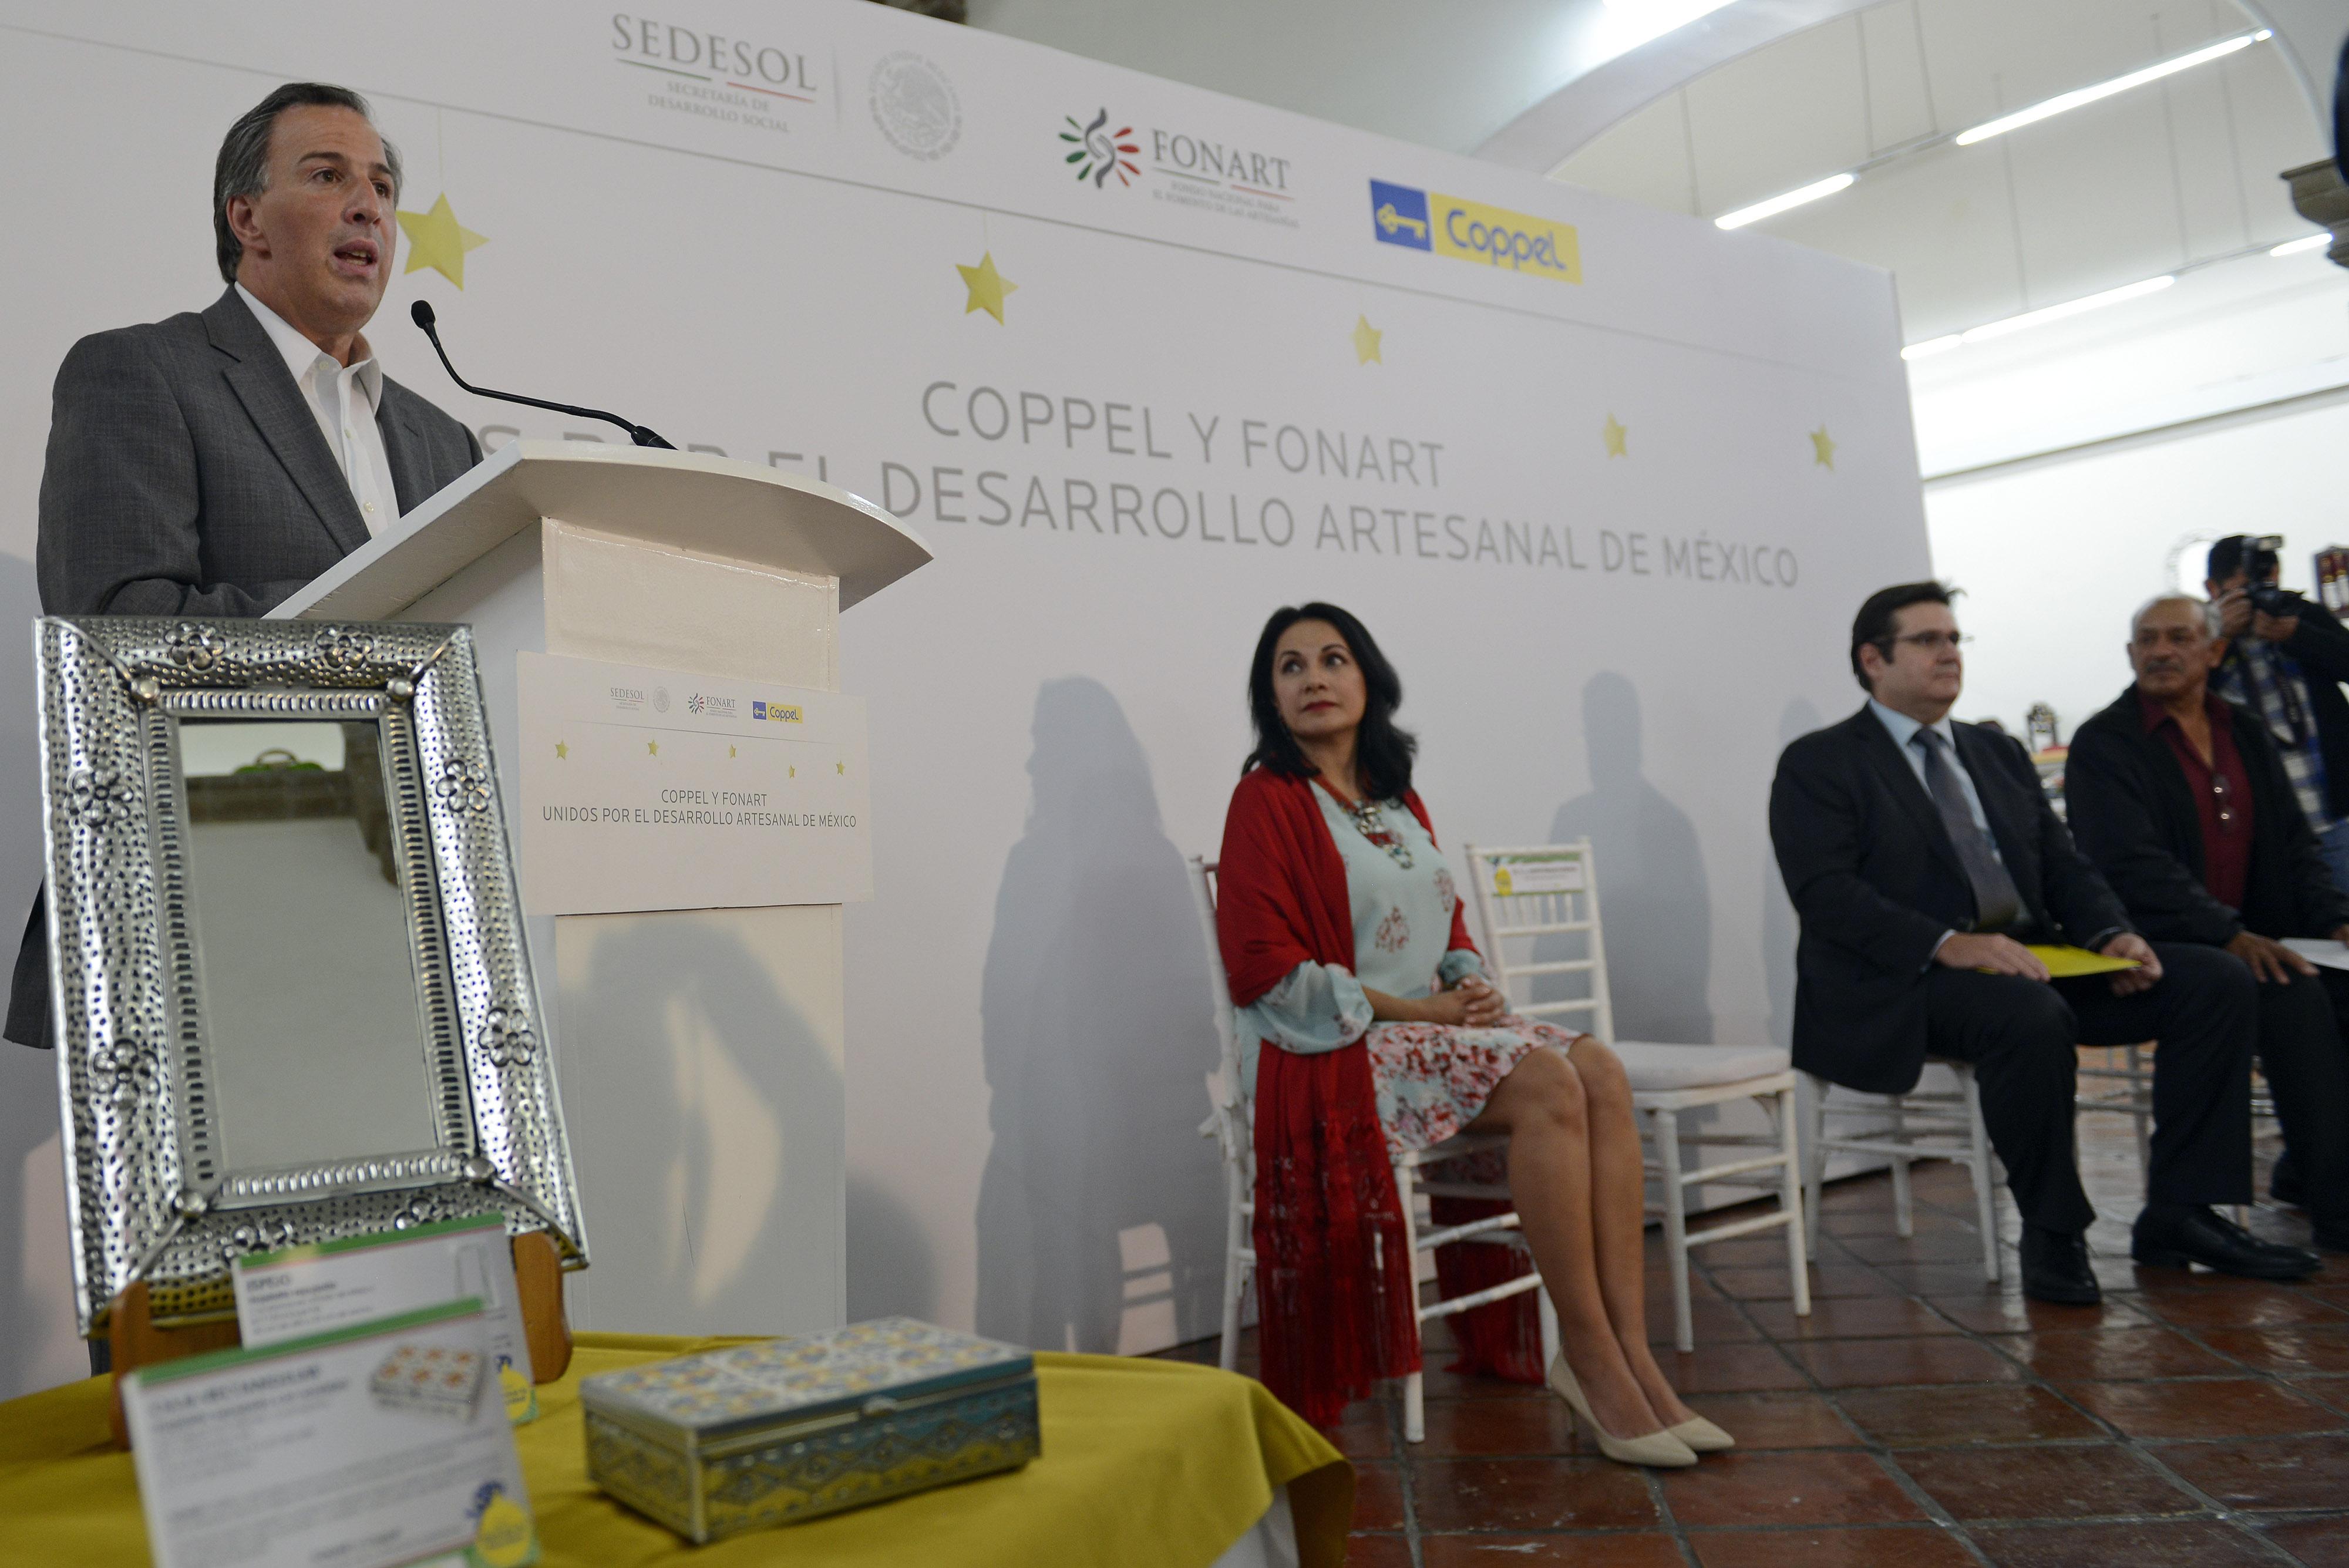 """El secretario José Antonio Meade Kuribreña durante el evento """"Coppel y Fonart unidos por el desarrollo artesanal de México"""